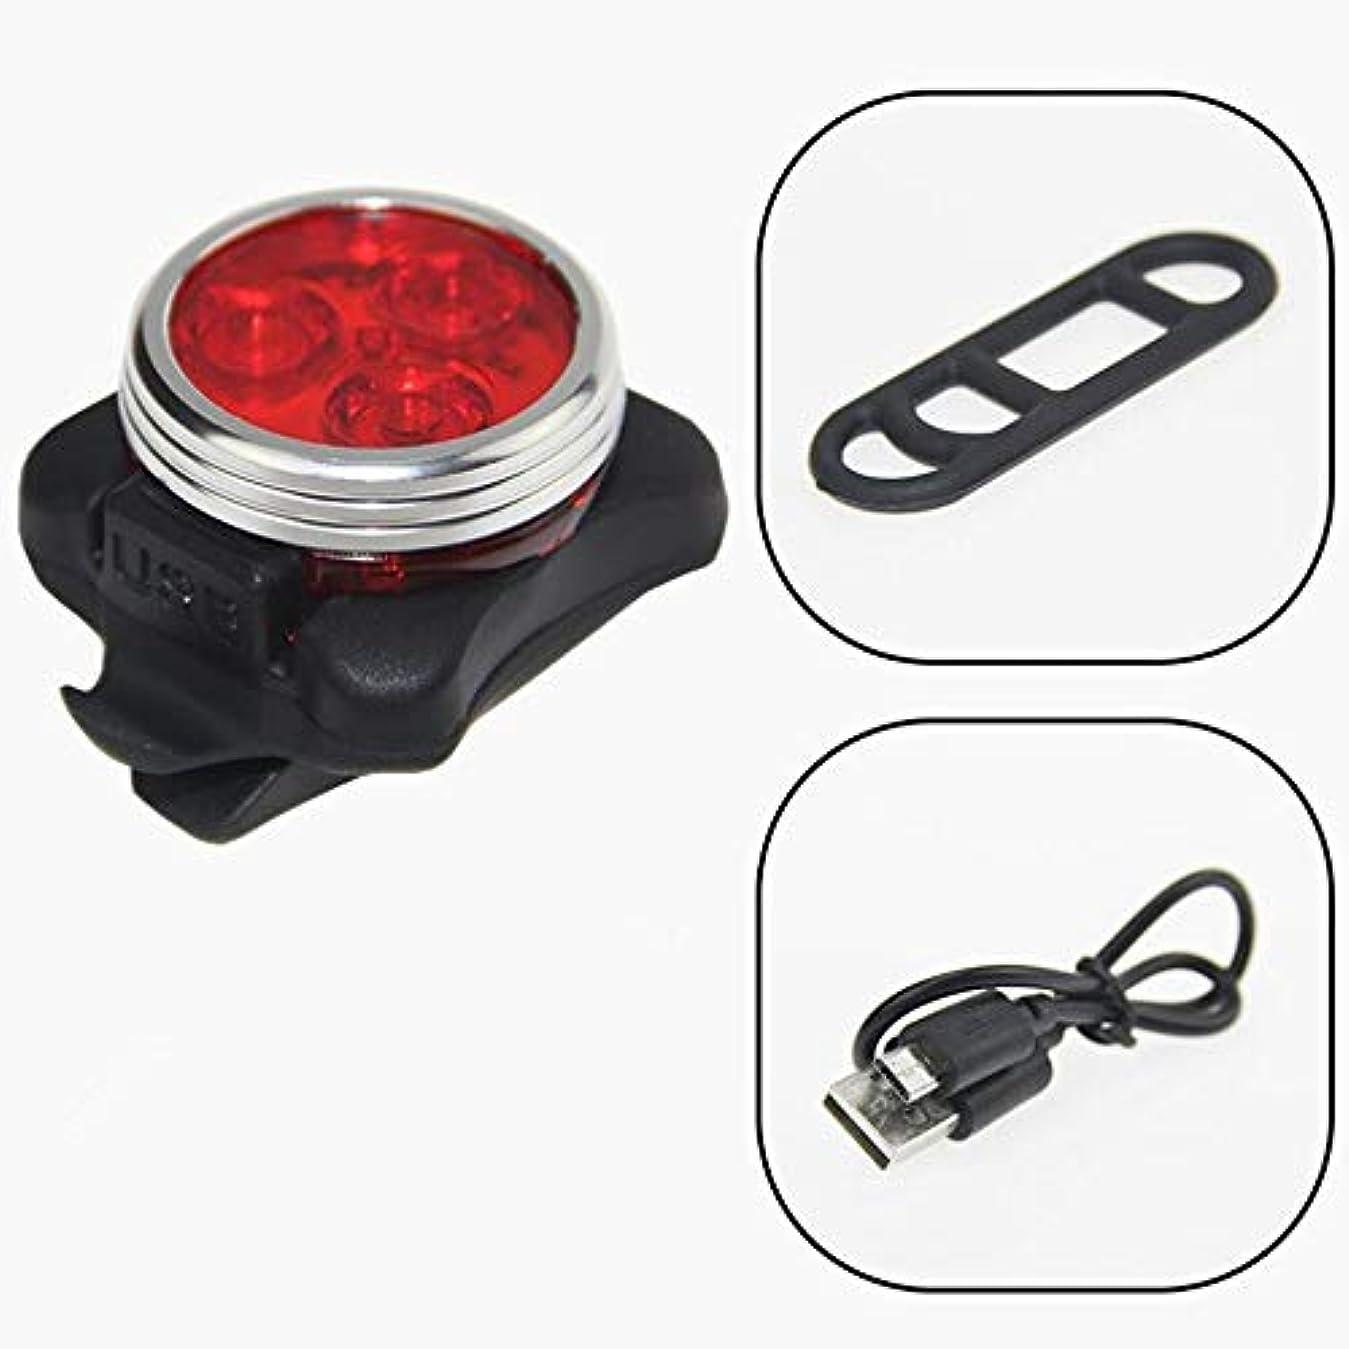 すり減る補償交流する充電式自転車ライト バイクライトドライブリア250ルーメン自転車テールライト (Color : Red)